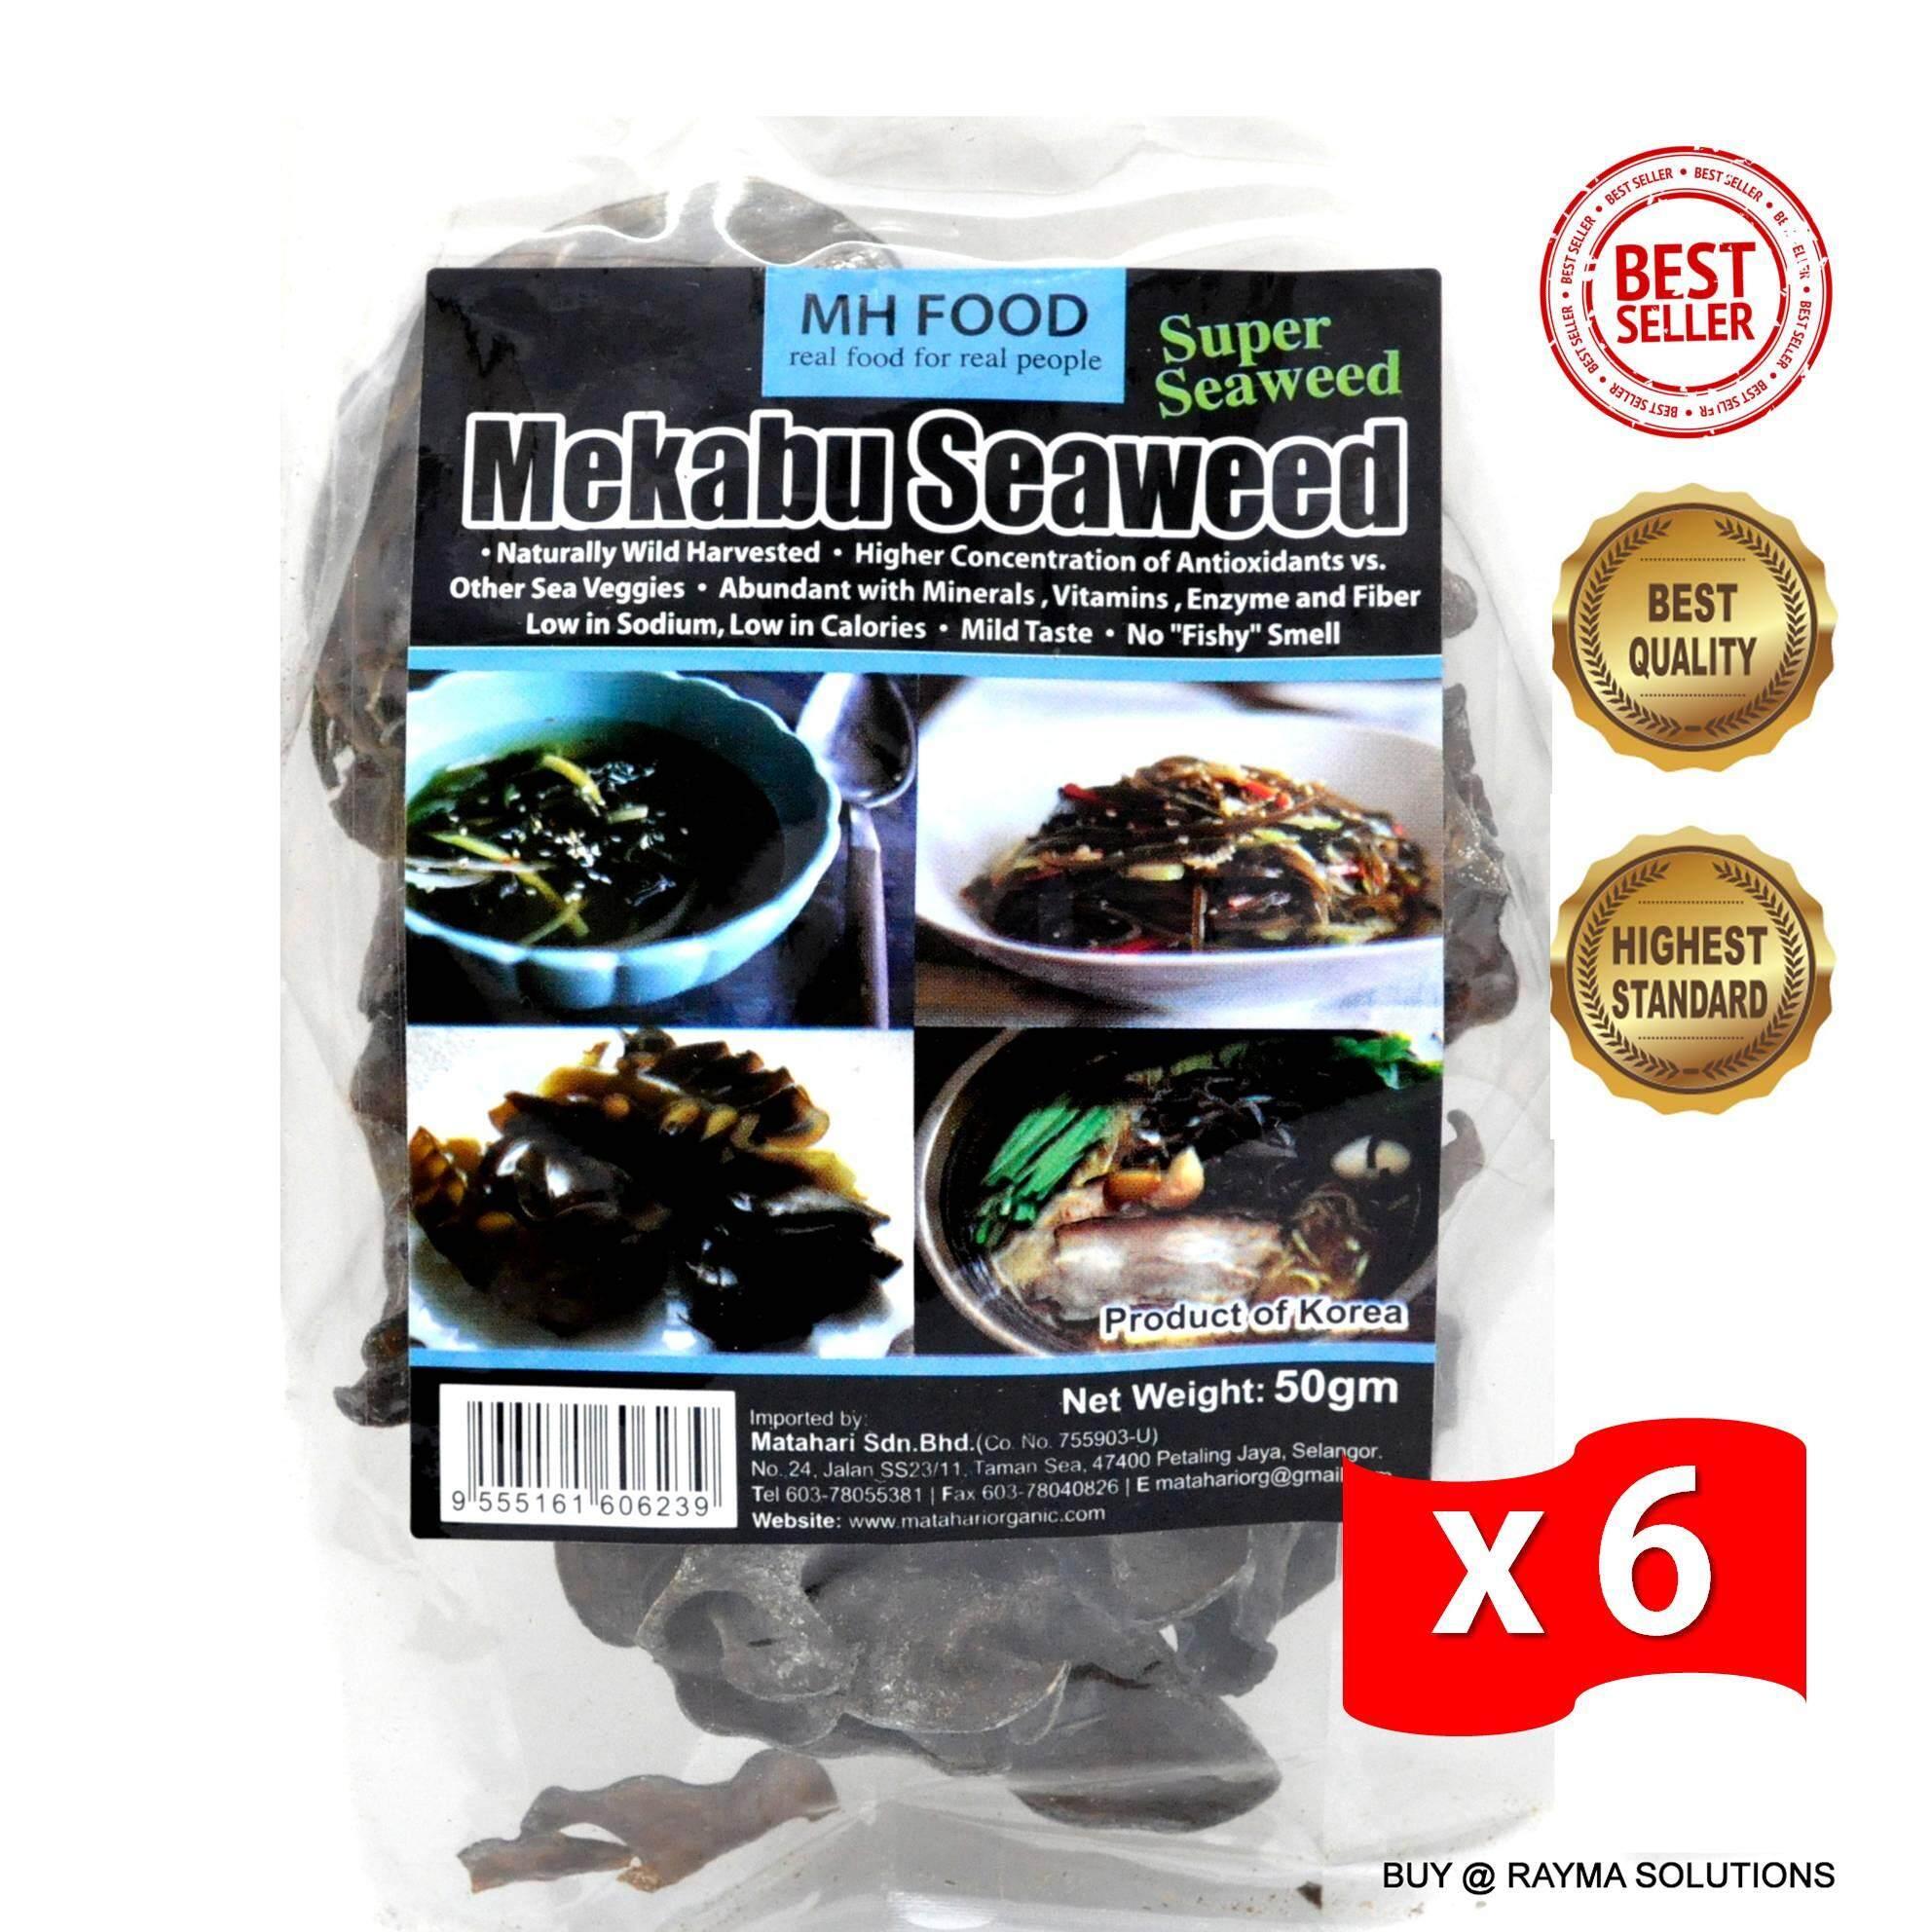 [Best Deal] MH FOOD Mekabu Seaweed Superfood 50g (6 Packs)